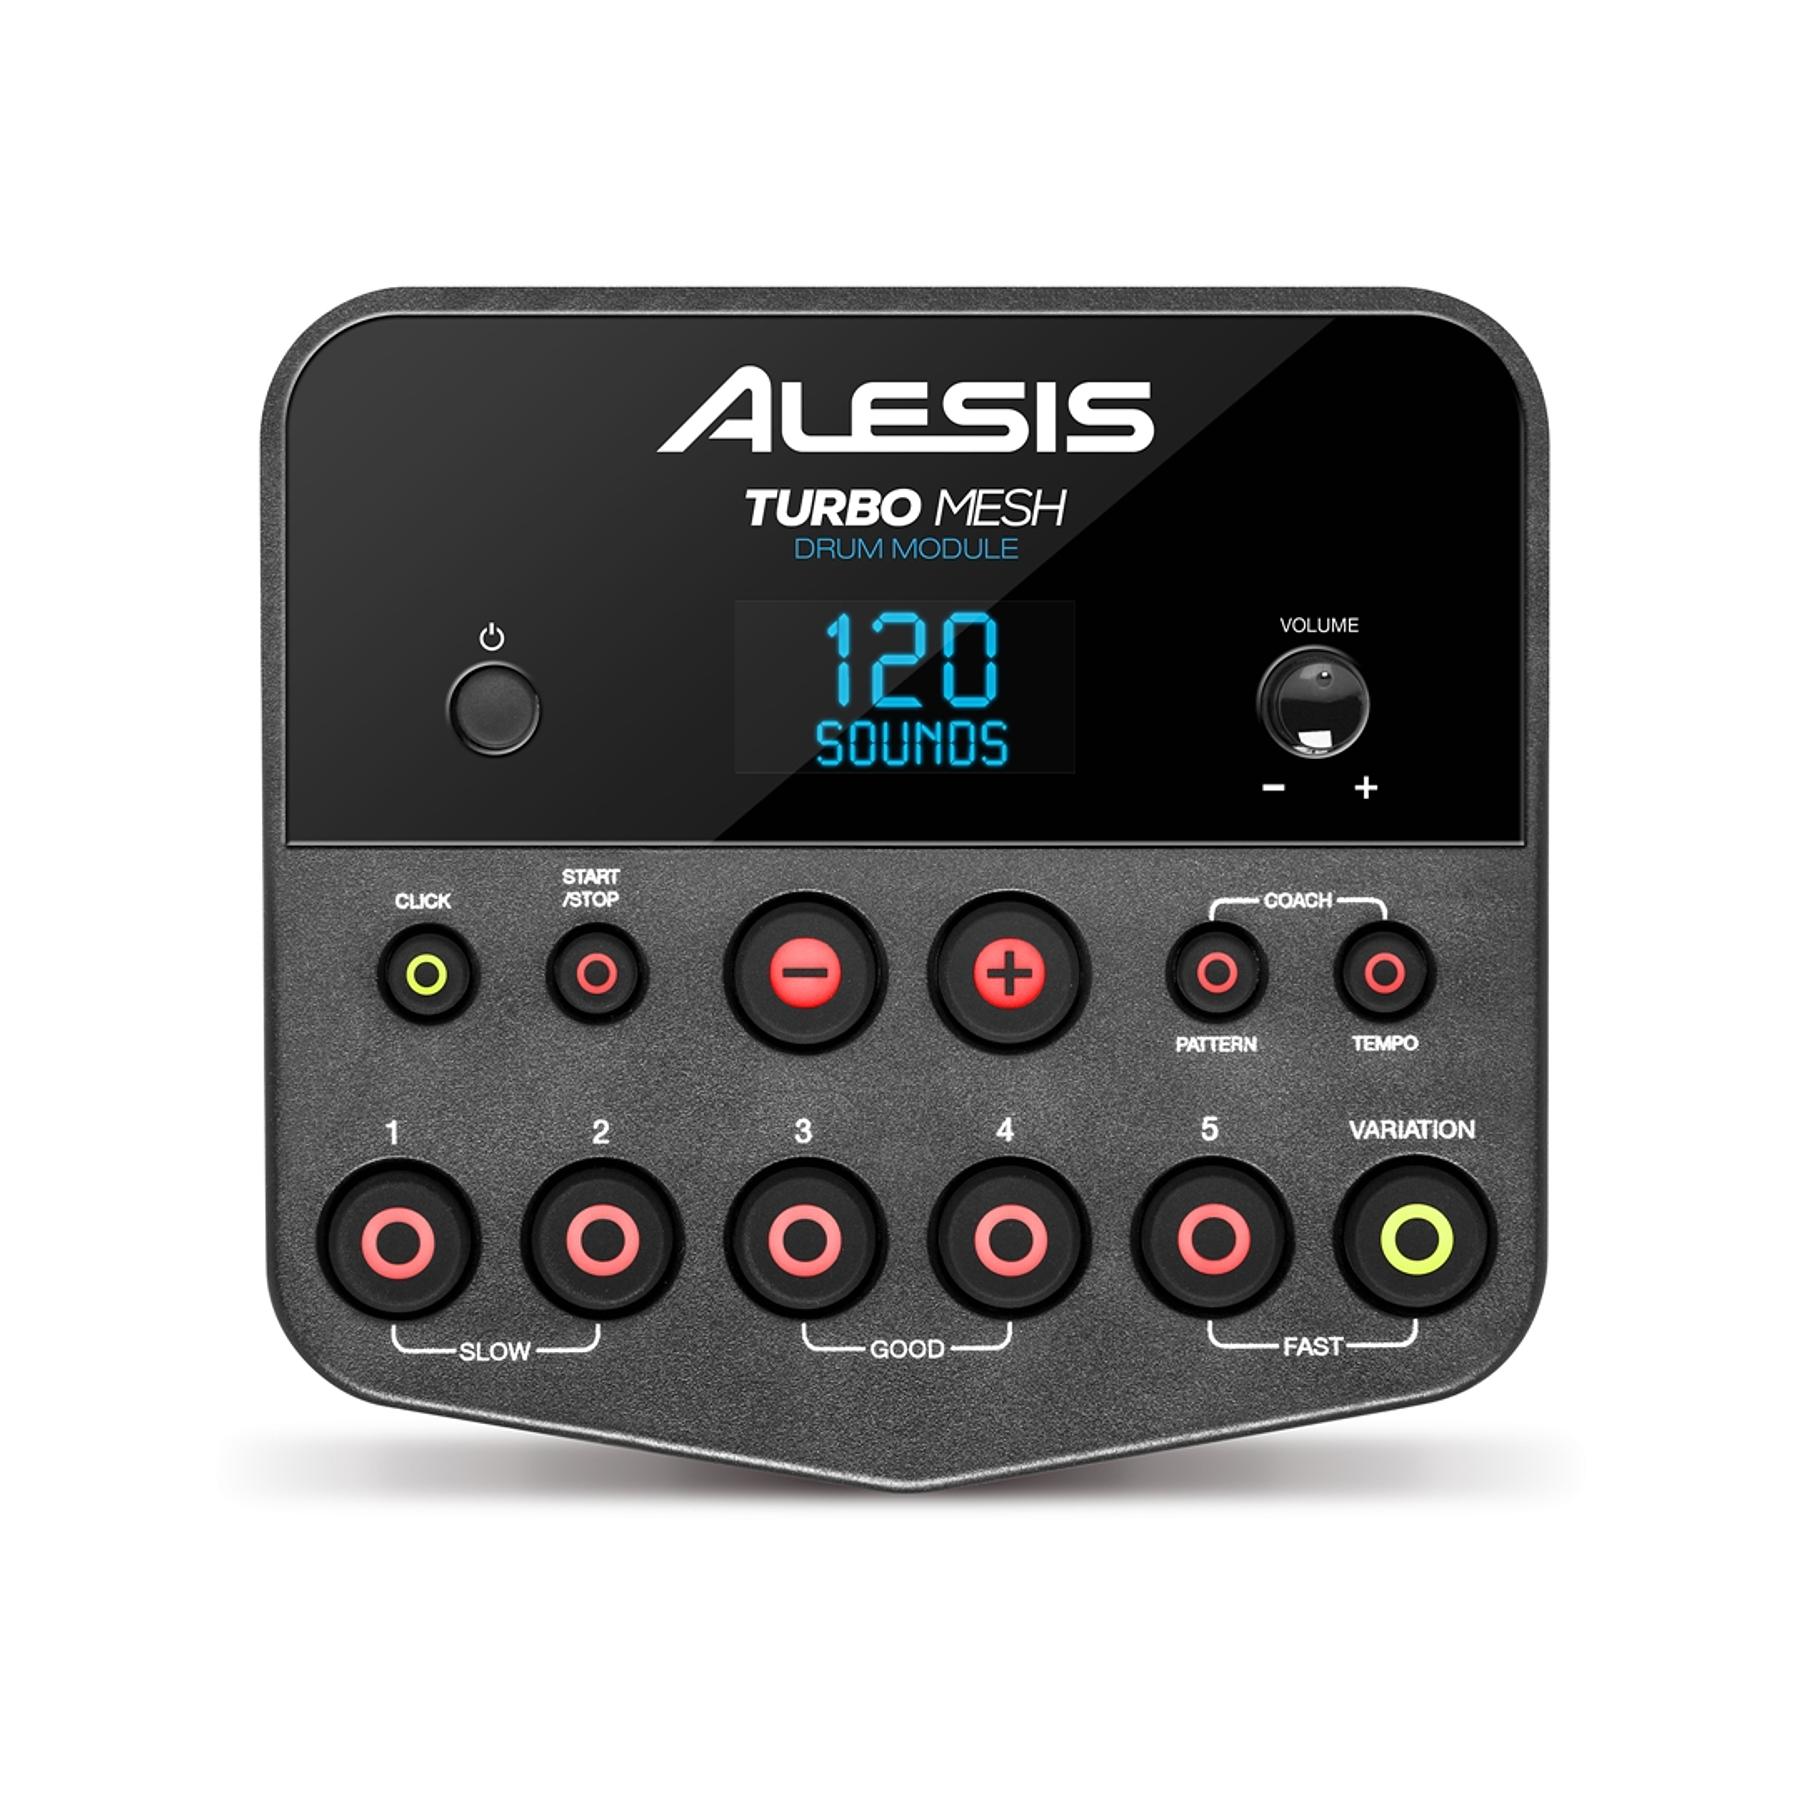 Batería Electrónica Alesis Turbo Mesh Kit